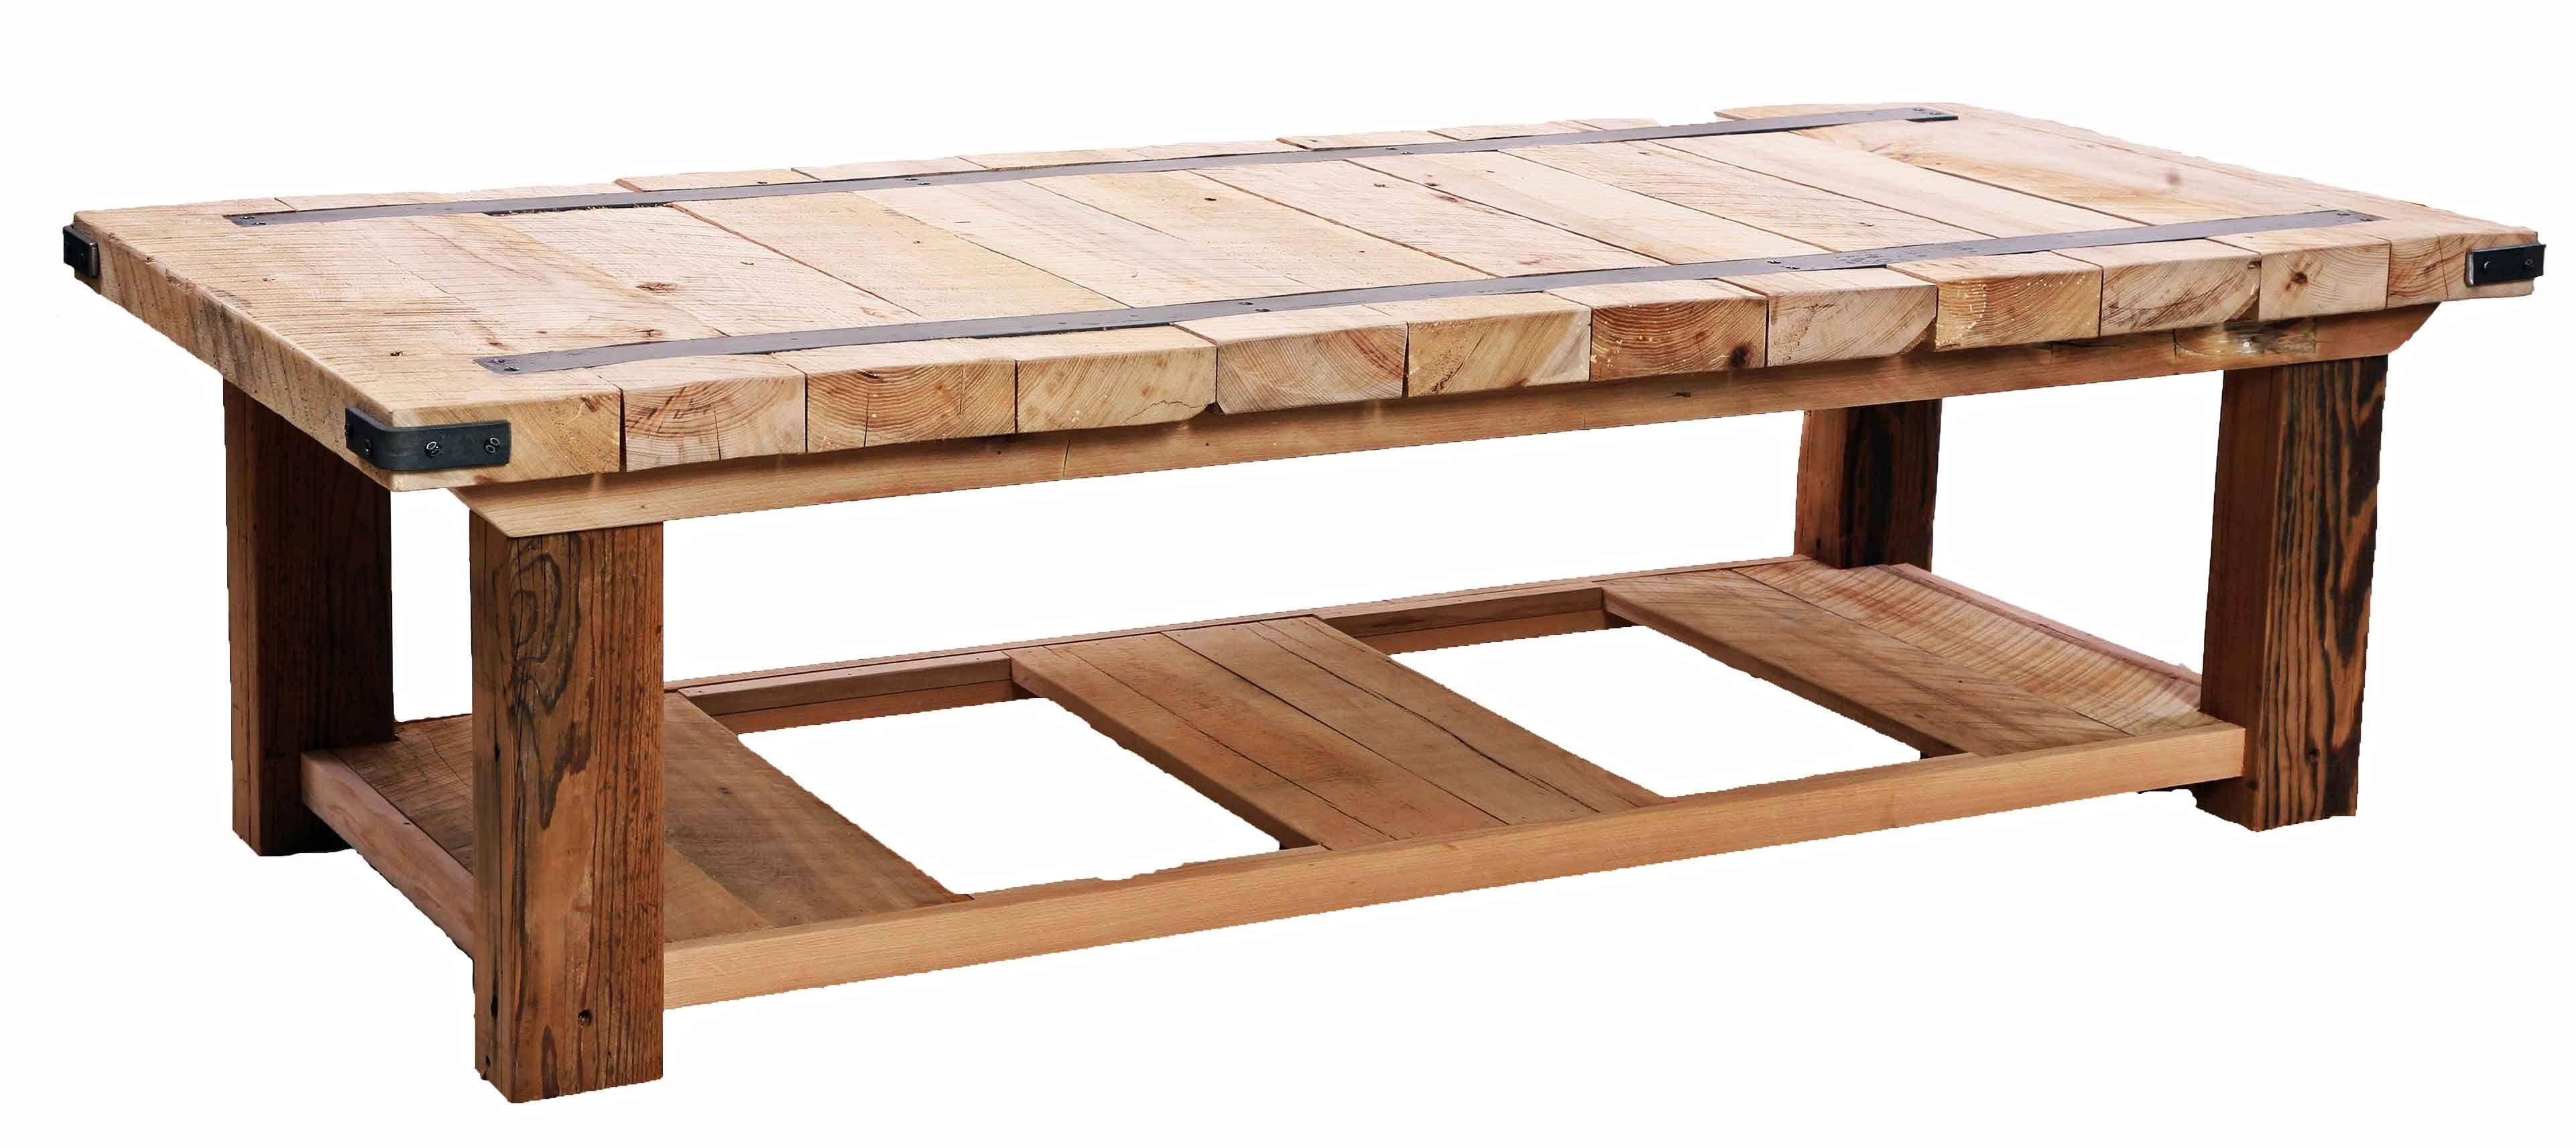 Patio Coffee Table Ideas Diy Outdoor Pallet Coffee Table Cheap Home Decor  Ideas Rustic Coffee Tables